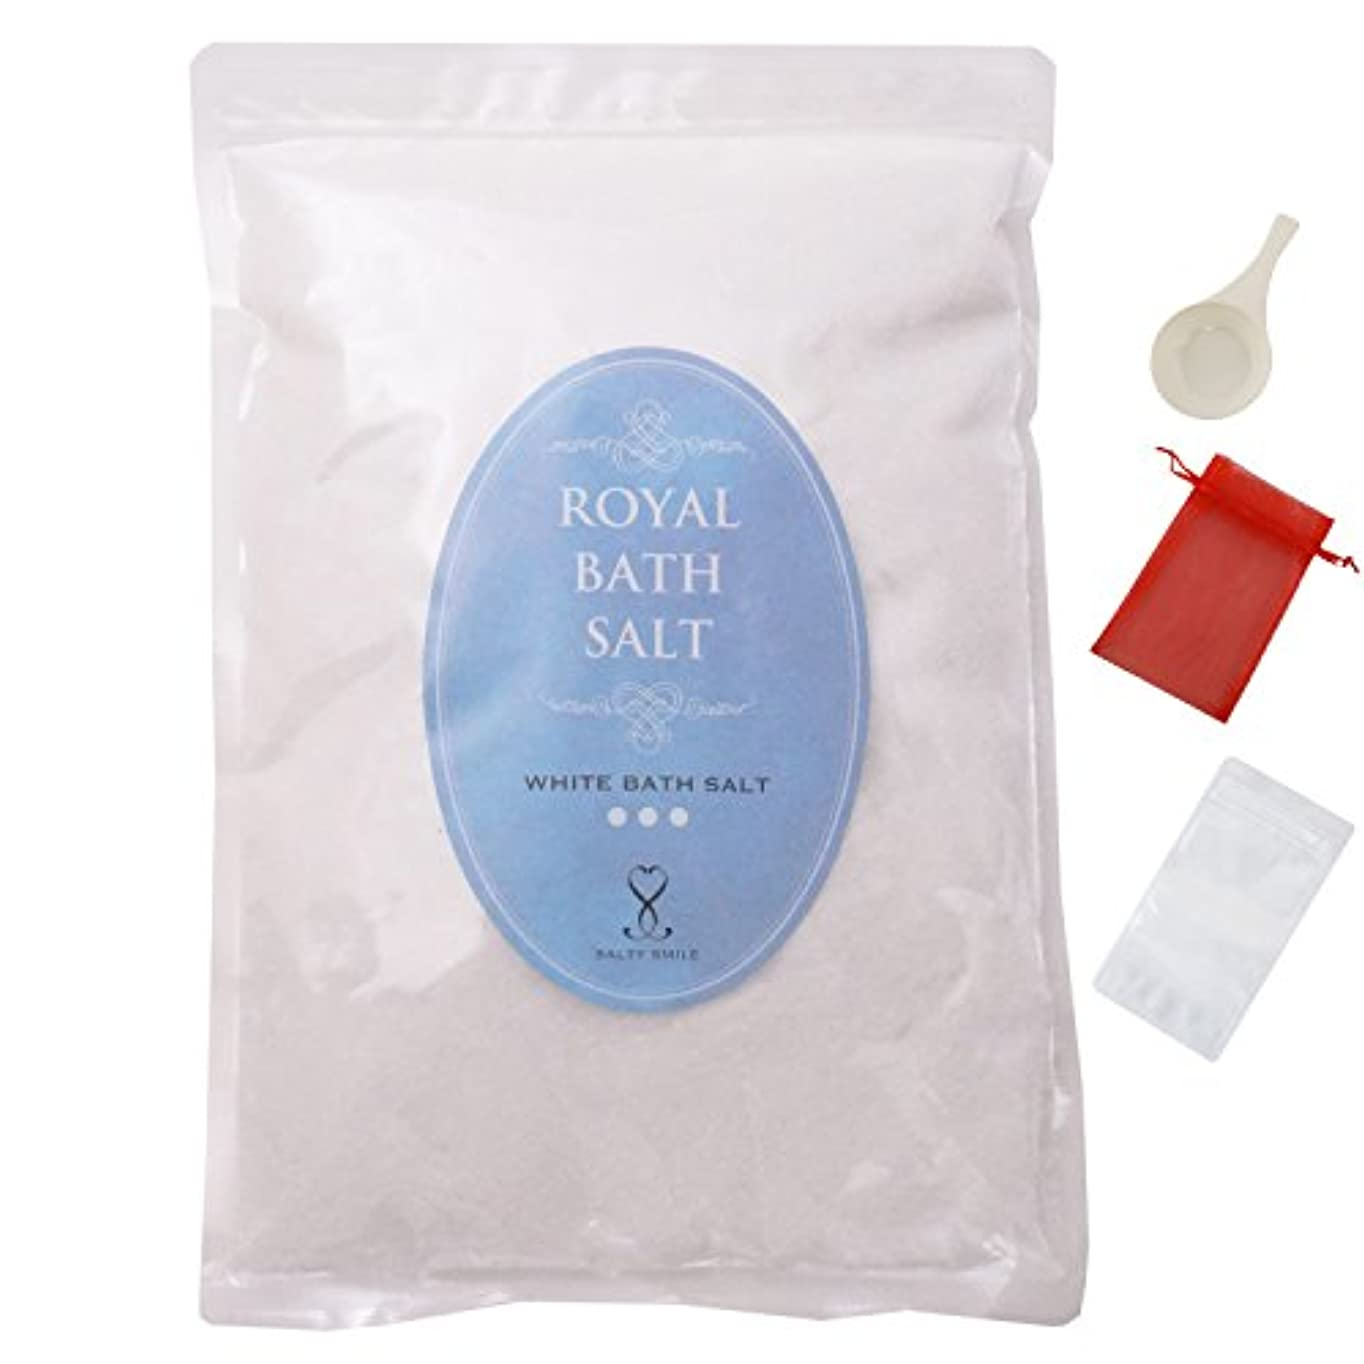 化合物彫刻家シーケンスロイヤル バスソルト ヒマラヤ岩塩 クリスタル ホワイト パウダー 細粒 ROYAL BATH SALT (1,000g【1㎏】)